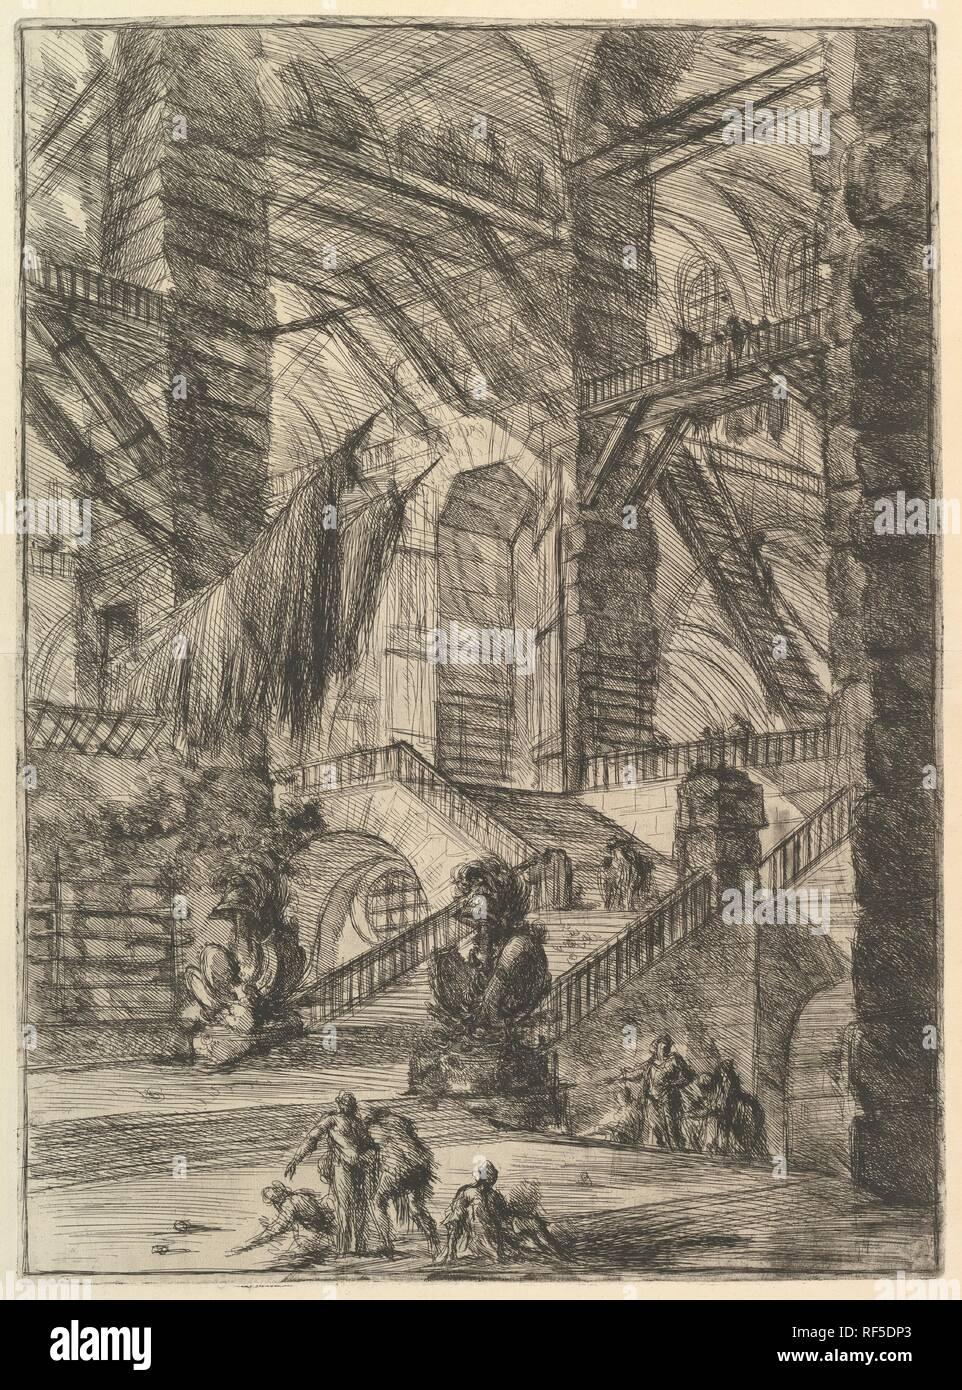 Die Treppe mit Trophäen, von Carceri d'invenzione (imaginäre Gefängnisse). Artist: Giovanni Battista Piranesi (Italienisch, Mogliano Veneto Rom 1720-1778). Maße: Blatt: 25 x 19 cm. (63,5 x 49,5 cm) Platte: 21 1/2 x 15 3/4 in. (54,6 x 40 cm). Herausgeber: Giovanni Bouchard (Französisch, Ca. 1716-1795). Serie/Portfolio: Carceri d'invenzione. Datum: Ca. 1749-50. Museum: Metropolitan Museum of Art, New York, USA. Stockfoto